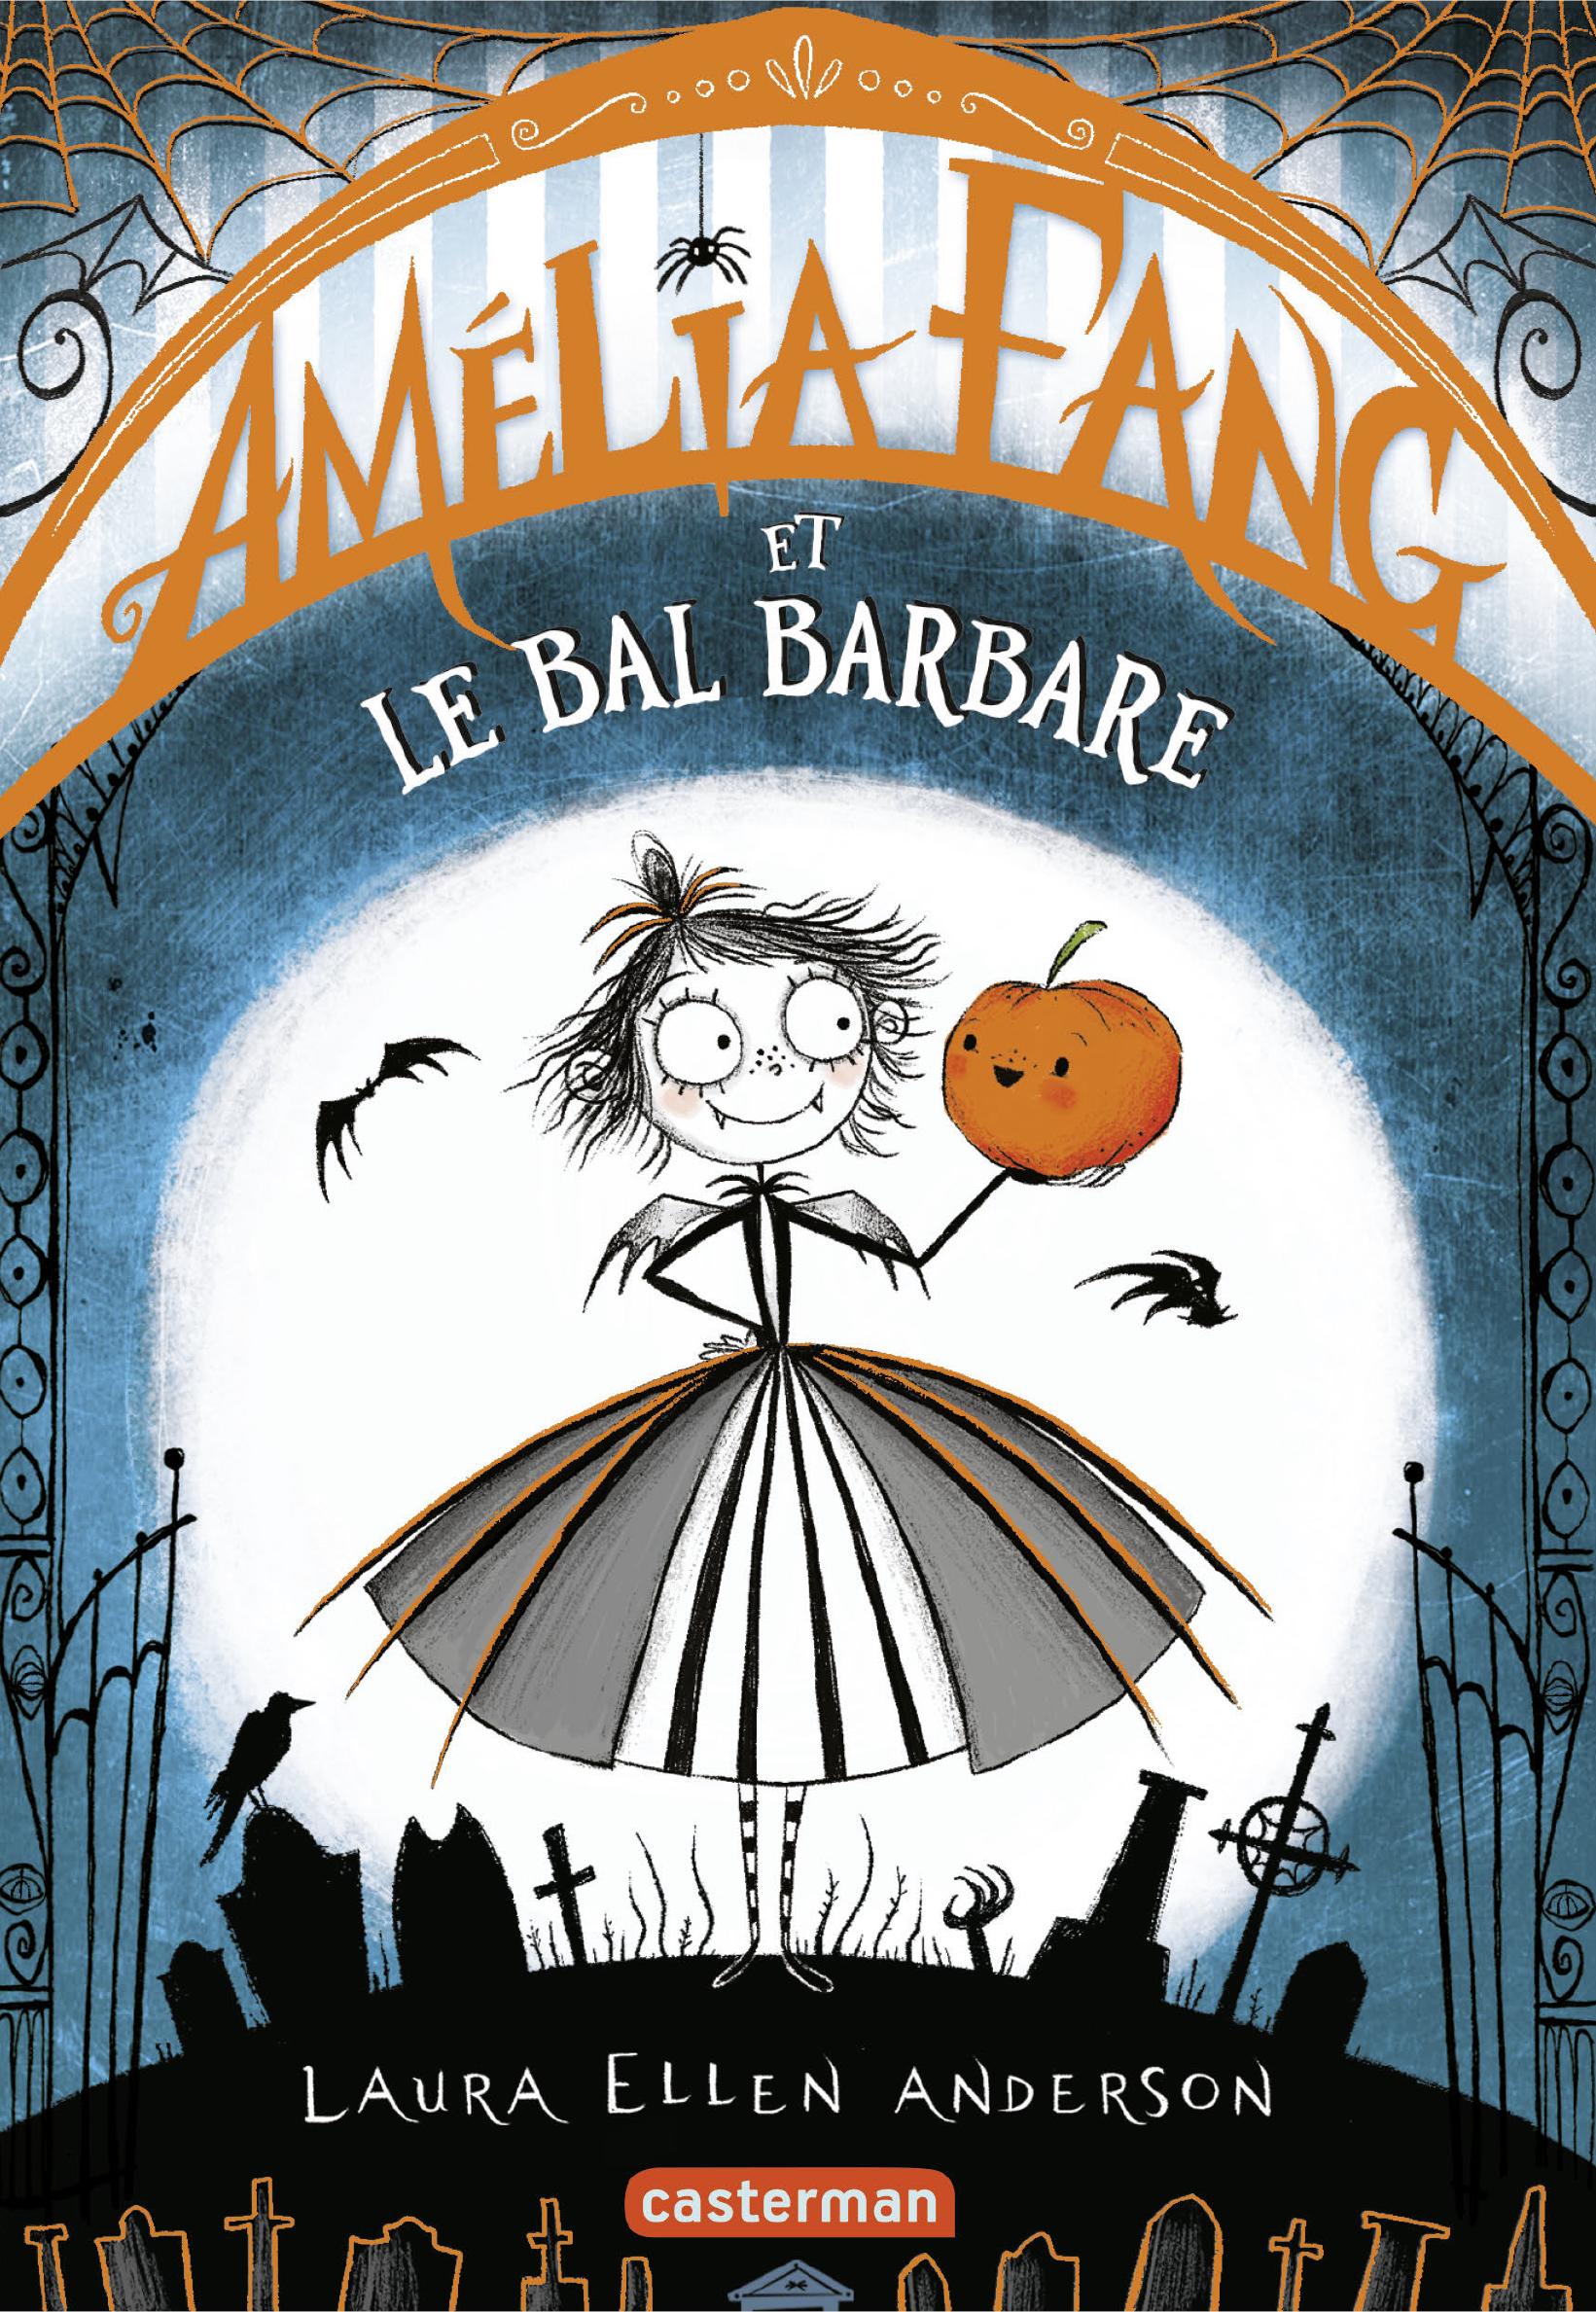 Amélia Fang (Tome 1) - Le Bal barbare |